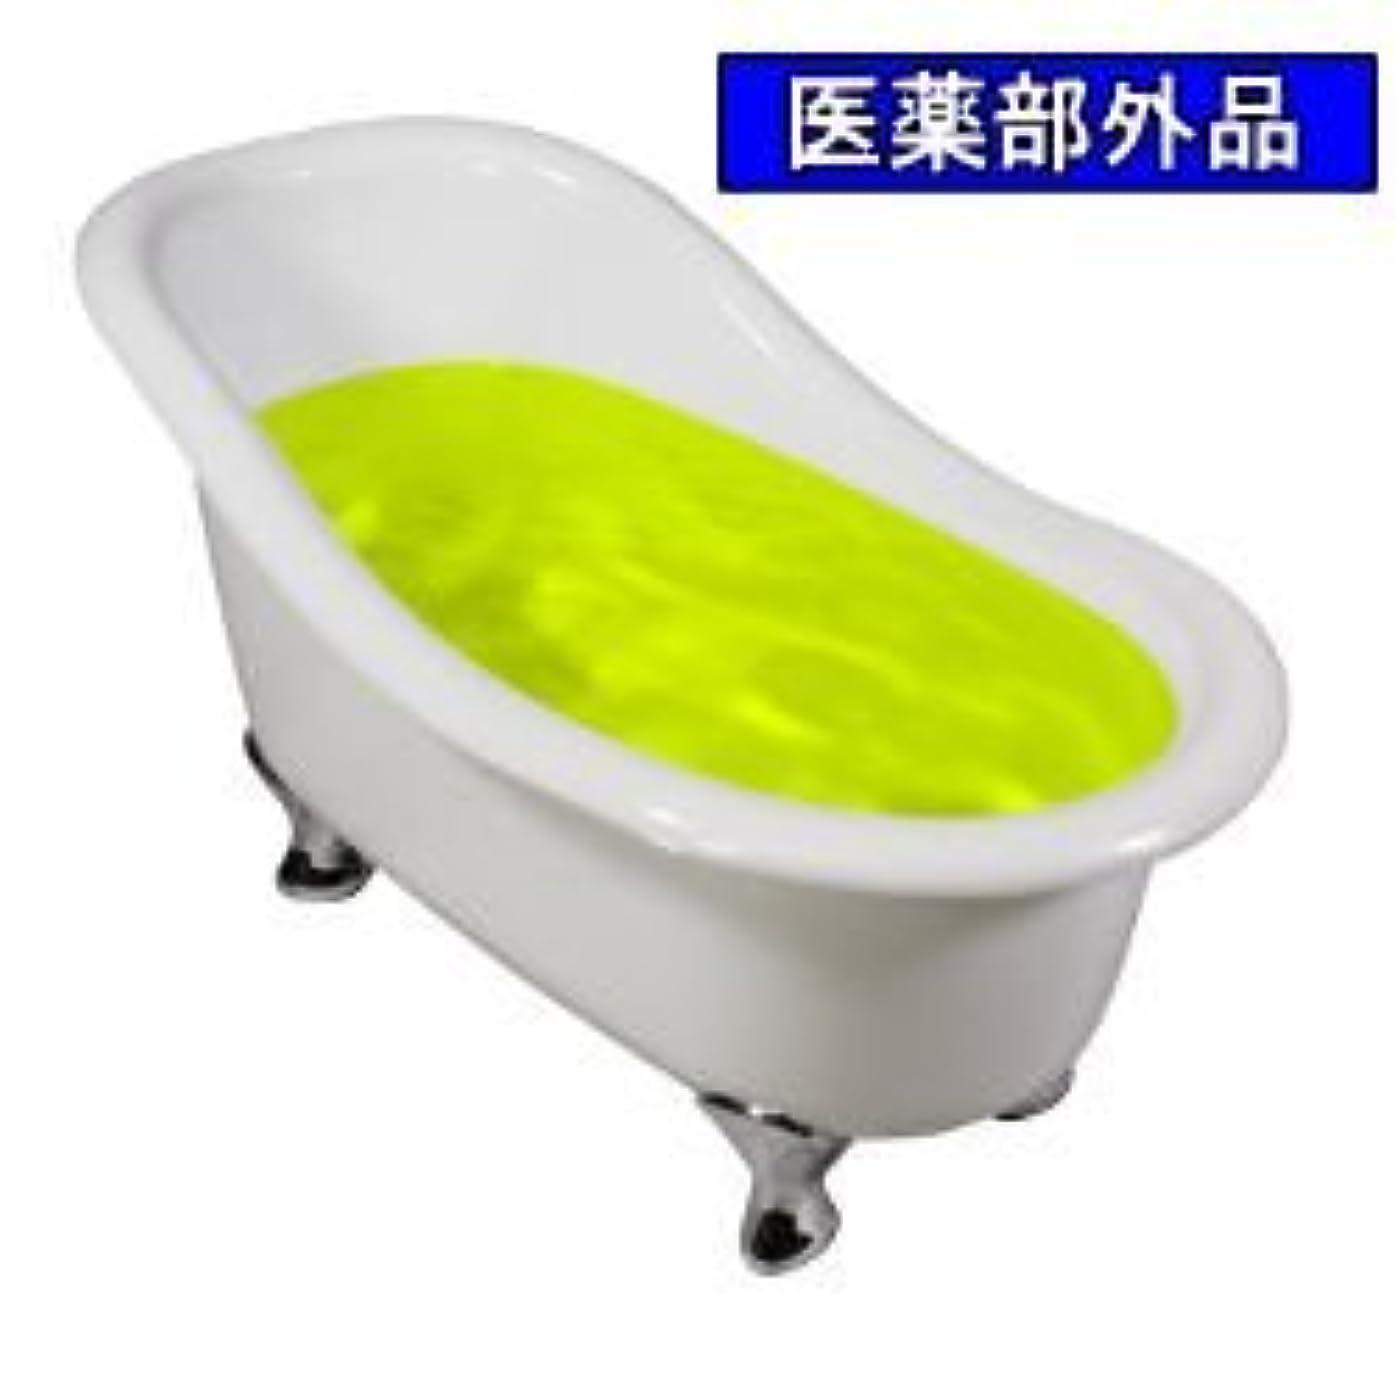 主要な満足させる差業務用薬用入浴剤バスフレンド ジャスミン 17kg 医薬部外品